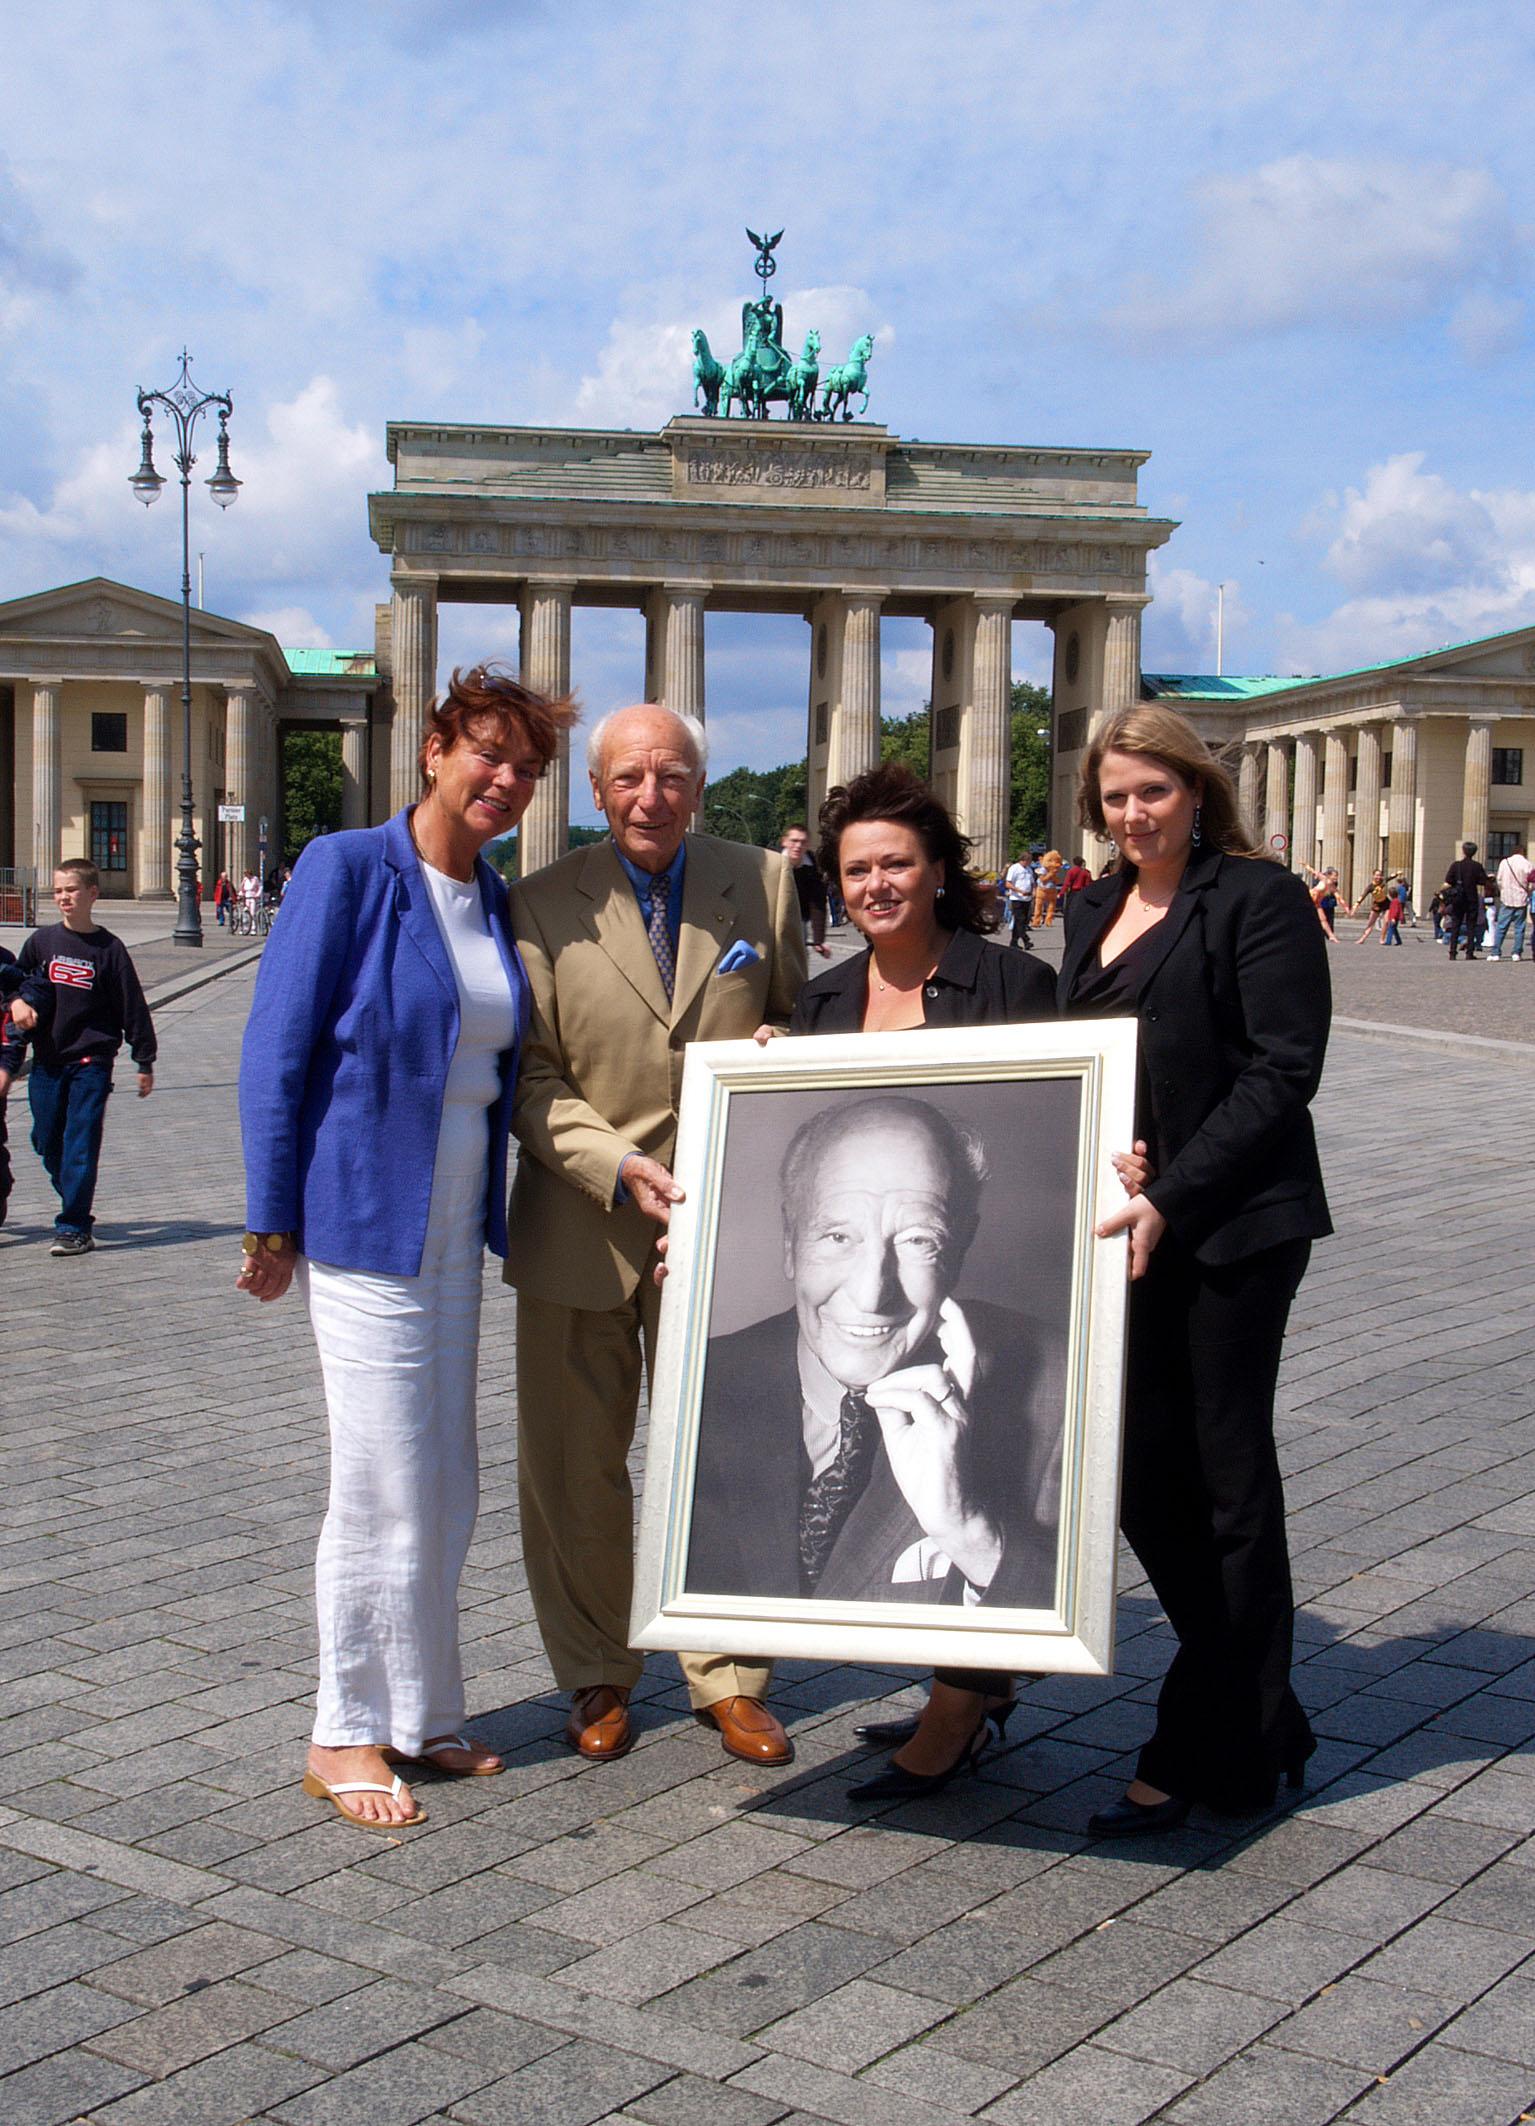 Frau Scheel, Dr Walter Scheel, Daniela Urbschat+Yvonne Huber_1